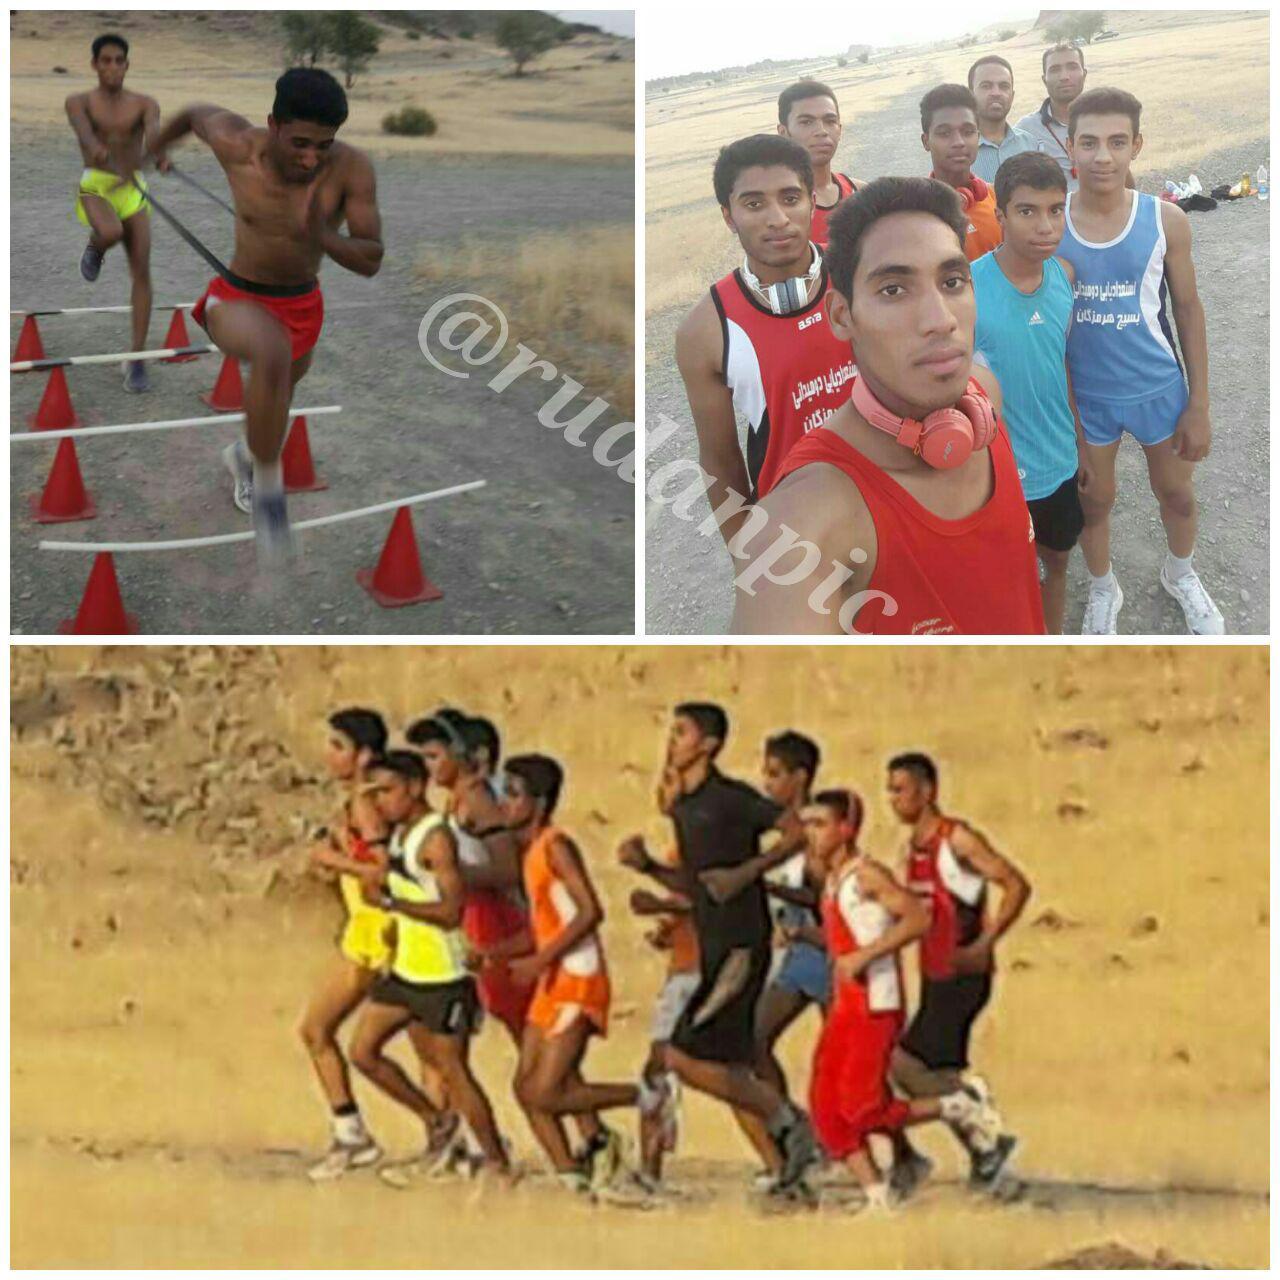 کسب مقام پنجم حمیدرضا نجفی در مسابقات دوومیدانی لیگ طلایی کشور